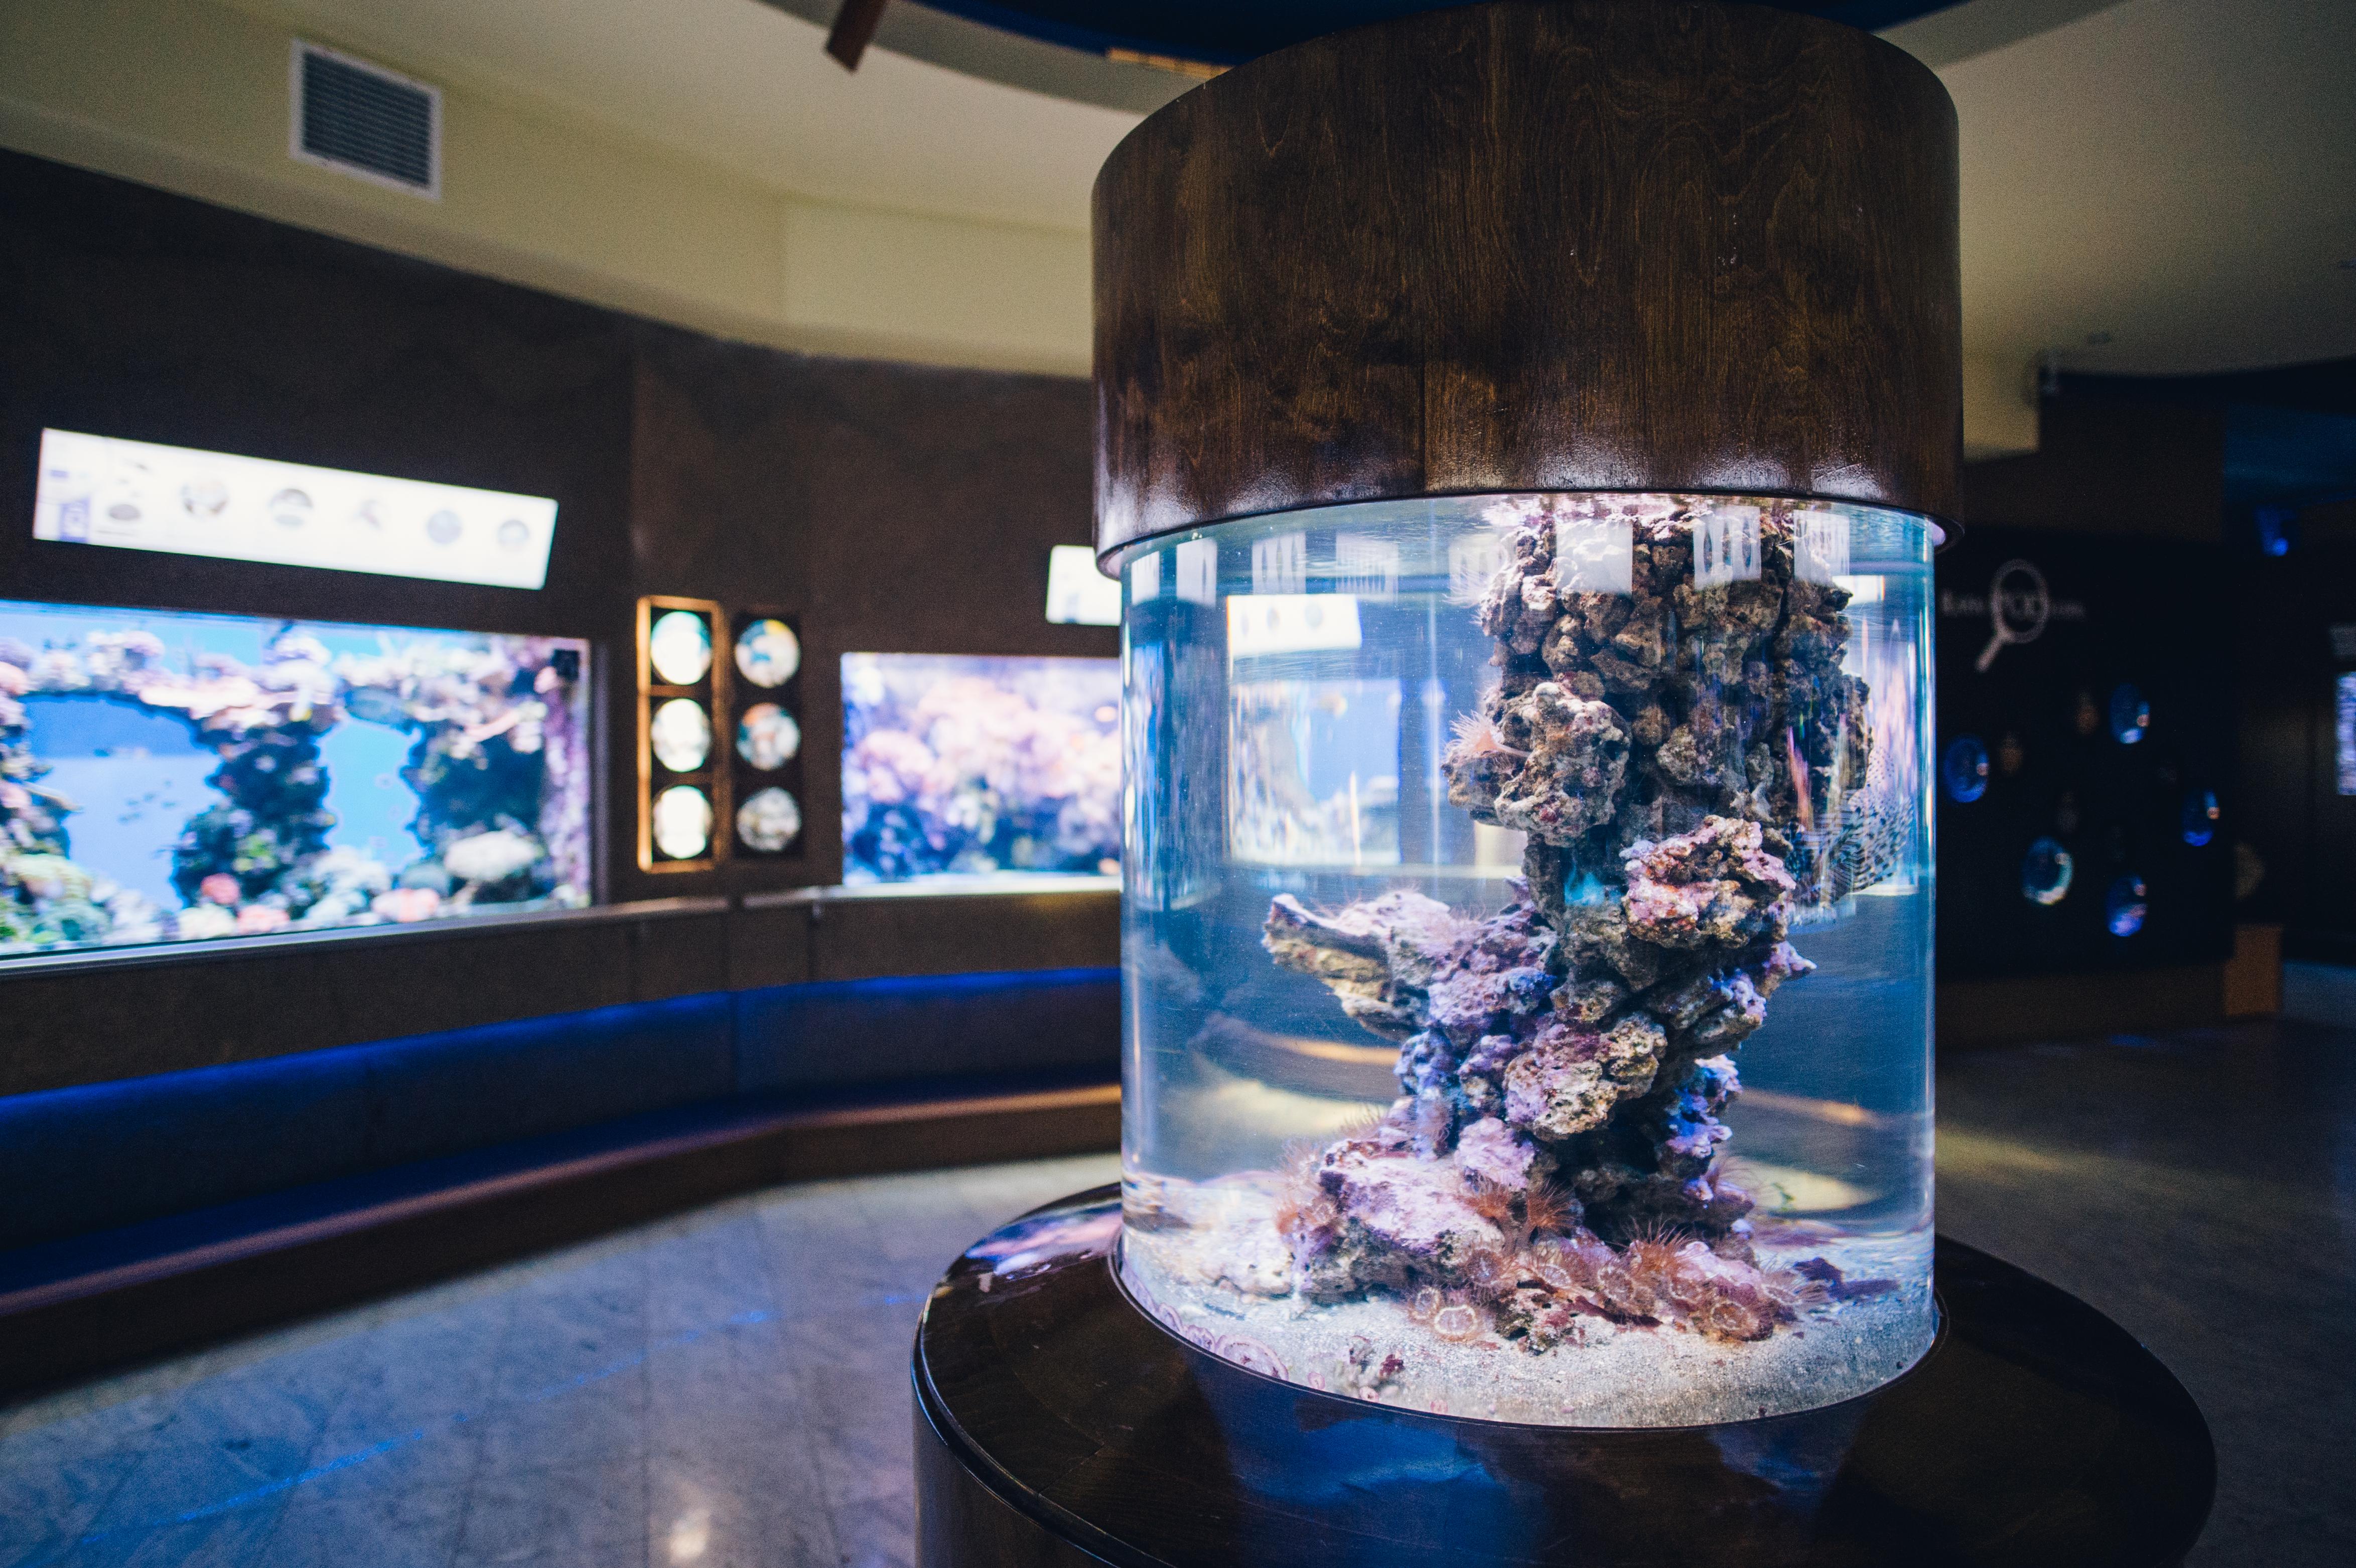 Holidays in the Gdynia Aquarium